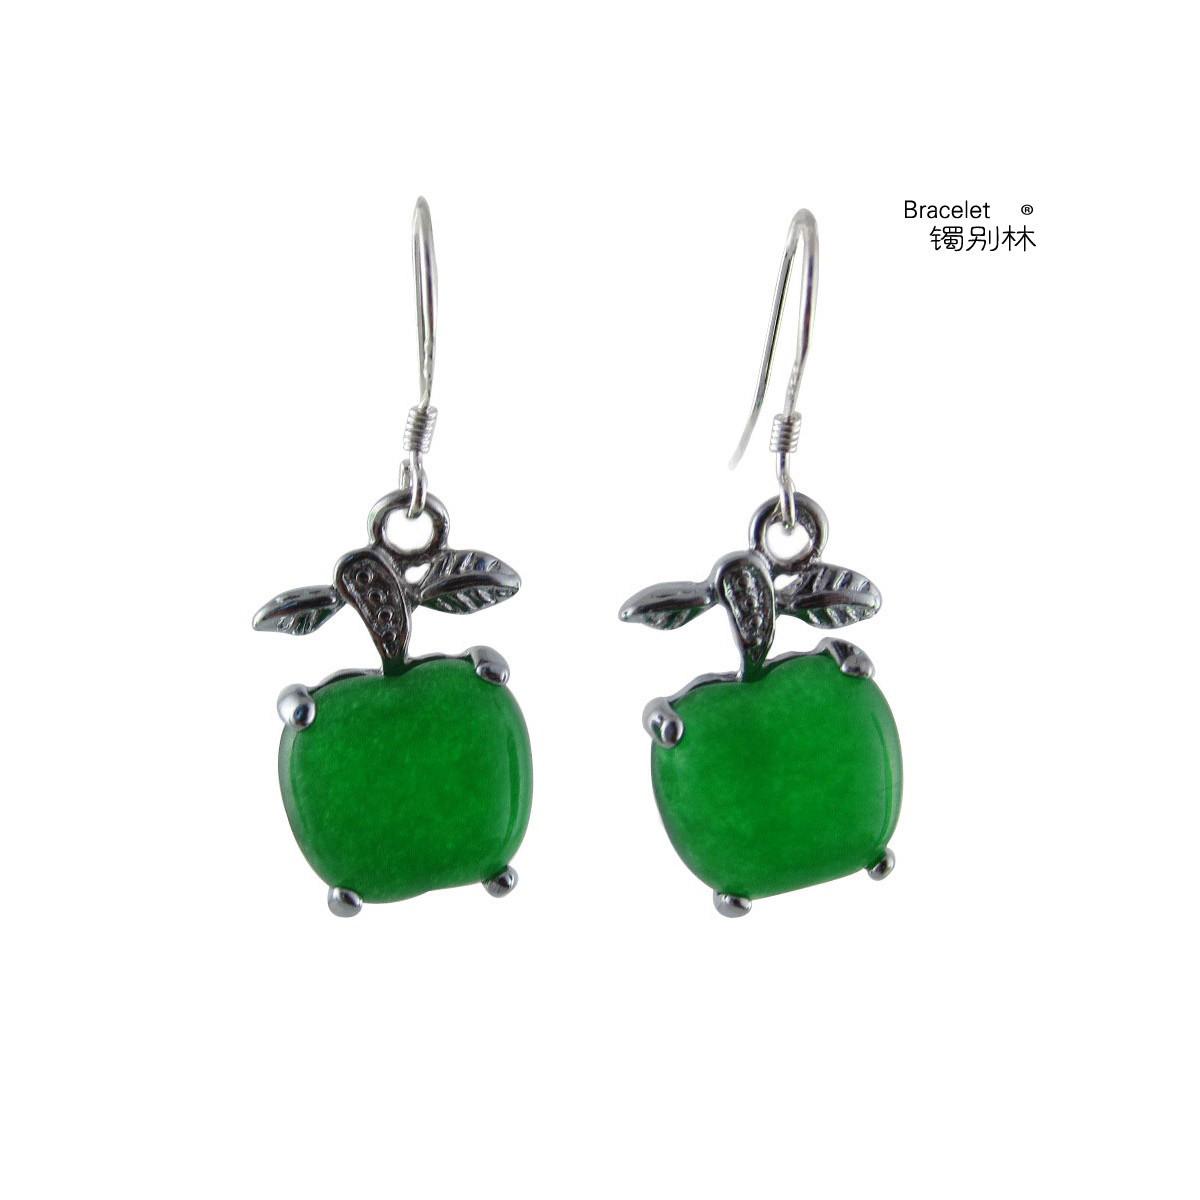 镯别林珠宝 925纯银镶嵌绿宝石 玉石耳环/耳钉/耳饰品 苹果耳坠